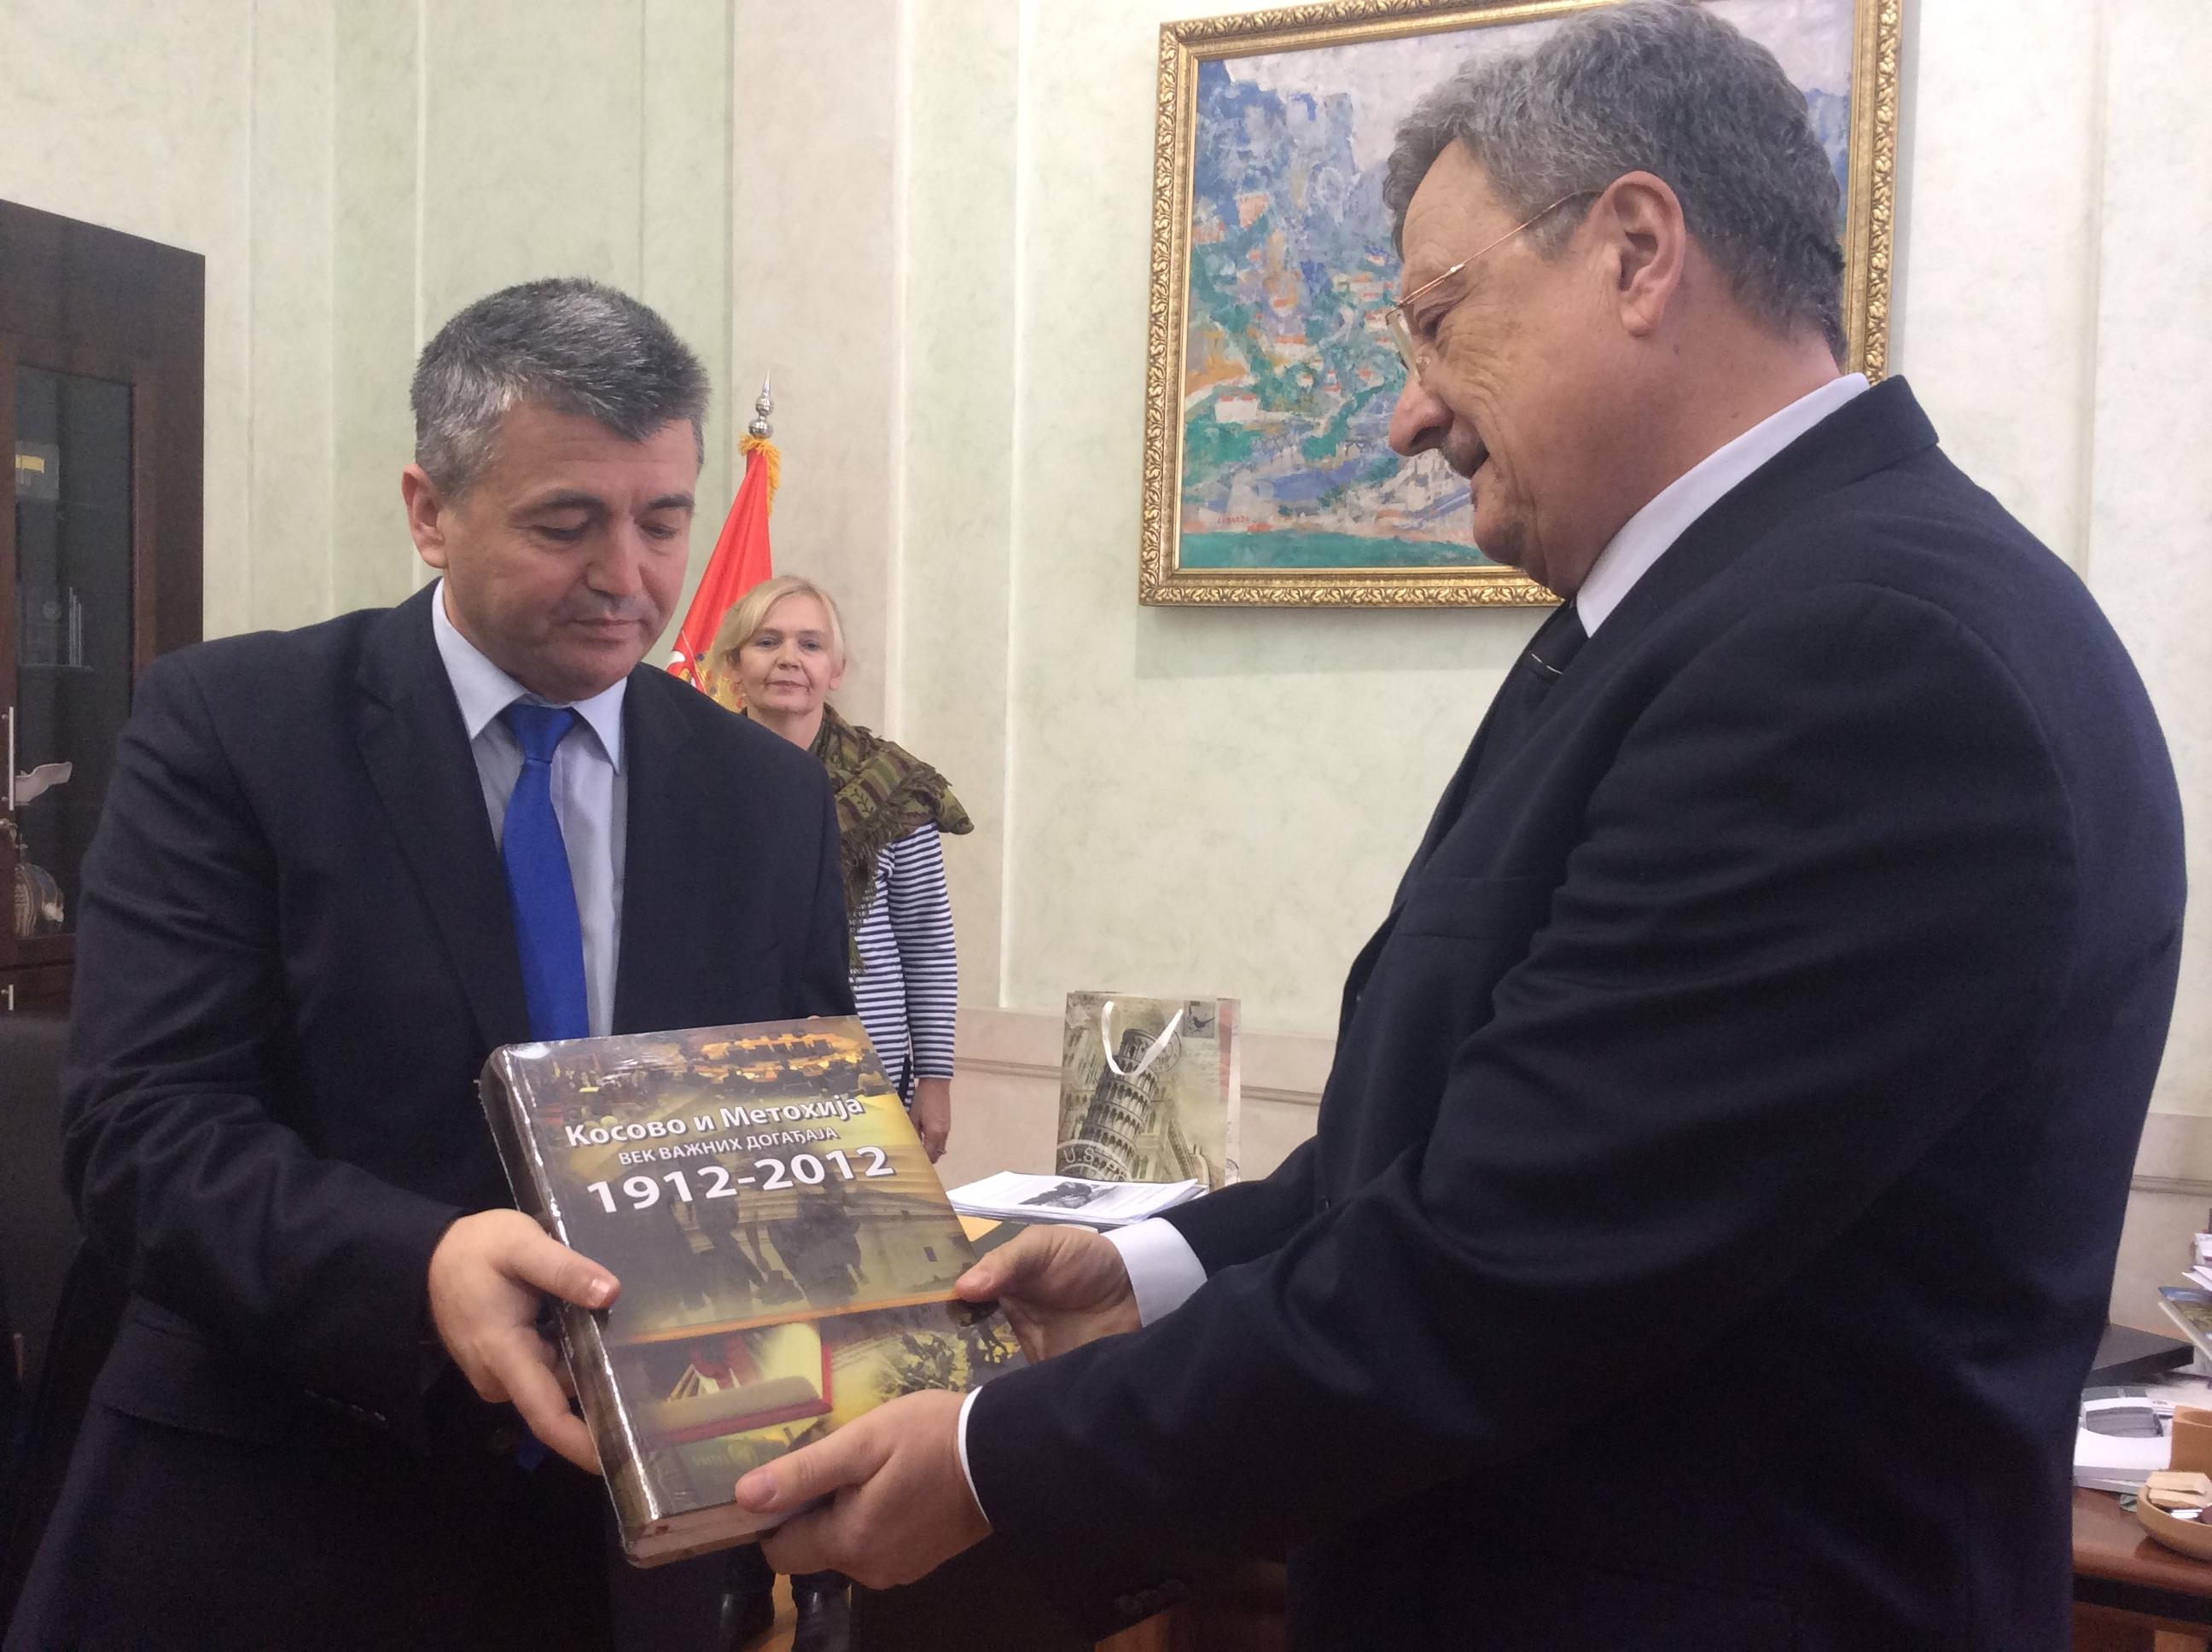 Branislav Mitrović, predsednik Skupštine grada Užica i Zoran Stamatović, direktor NP Užice razmenili su poklone  Foto--URP